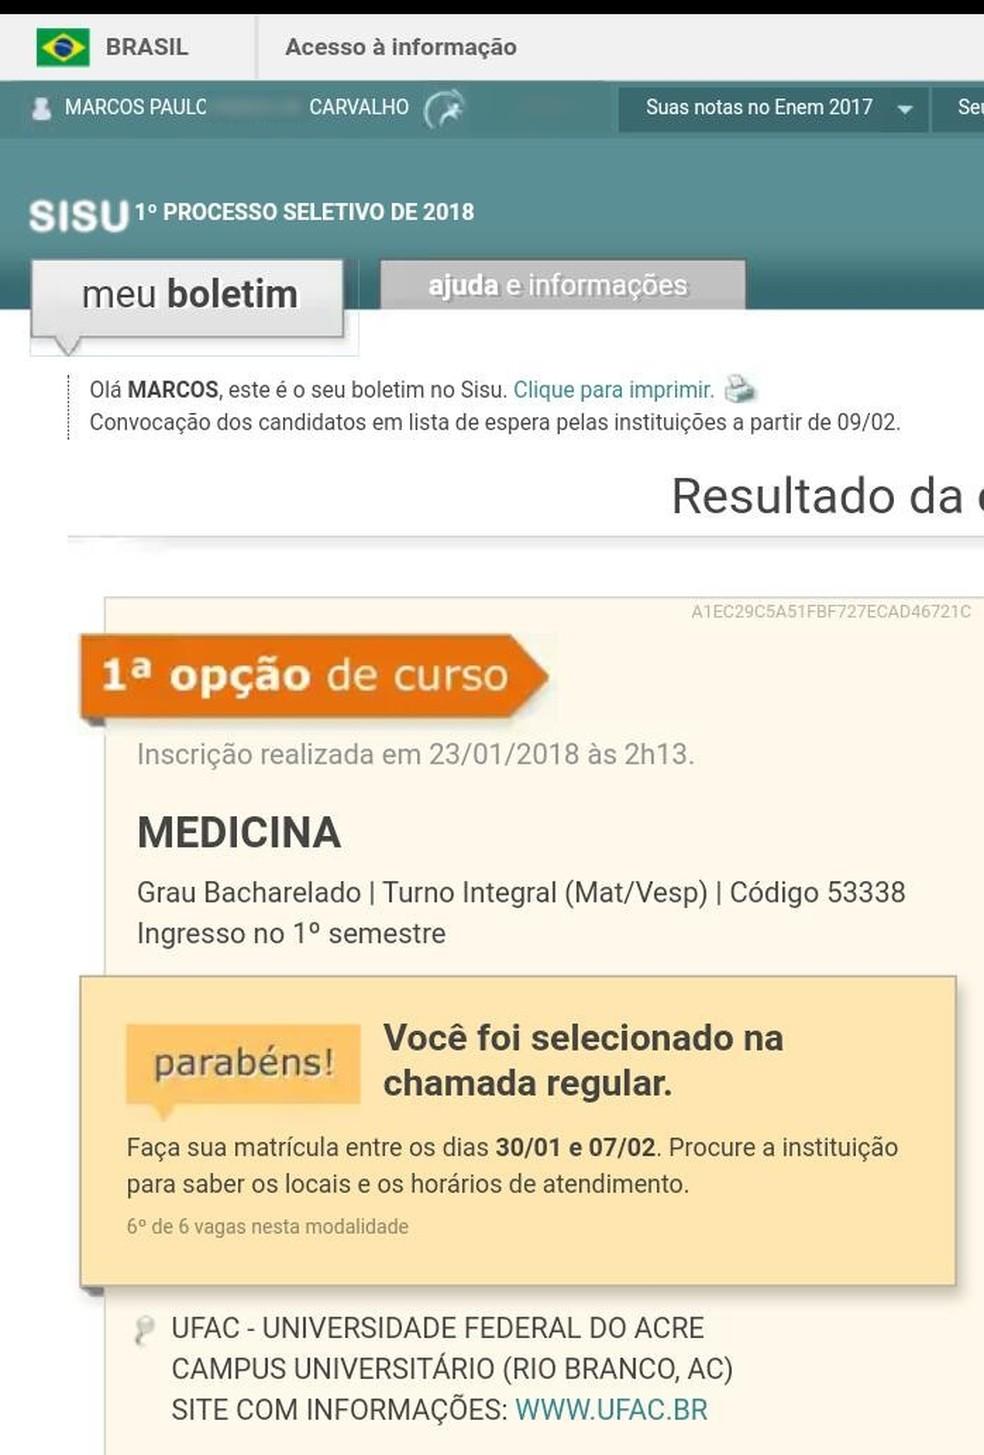 Marcos Paulo tirou nota máxima na redação do Enem 2017 e foi aprovado em medicina (Foto: Reprodução)